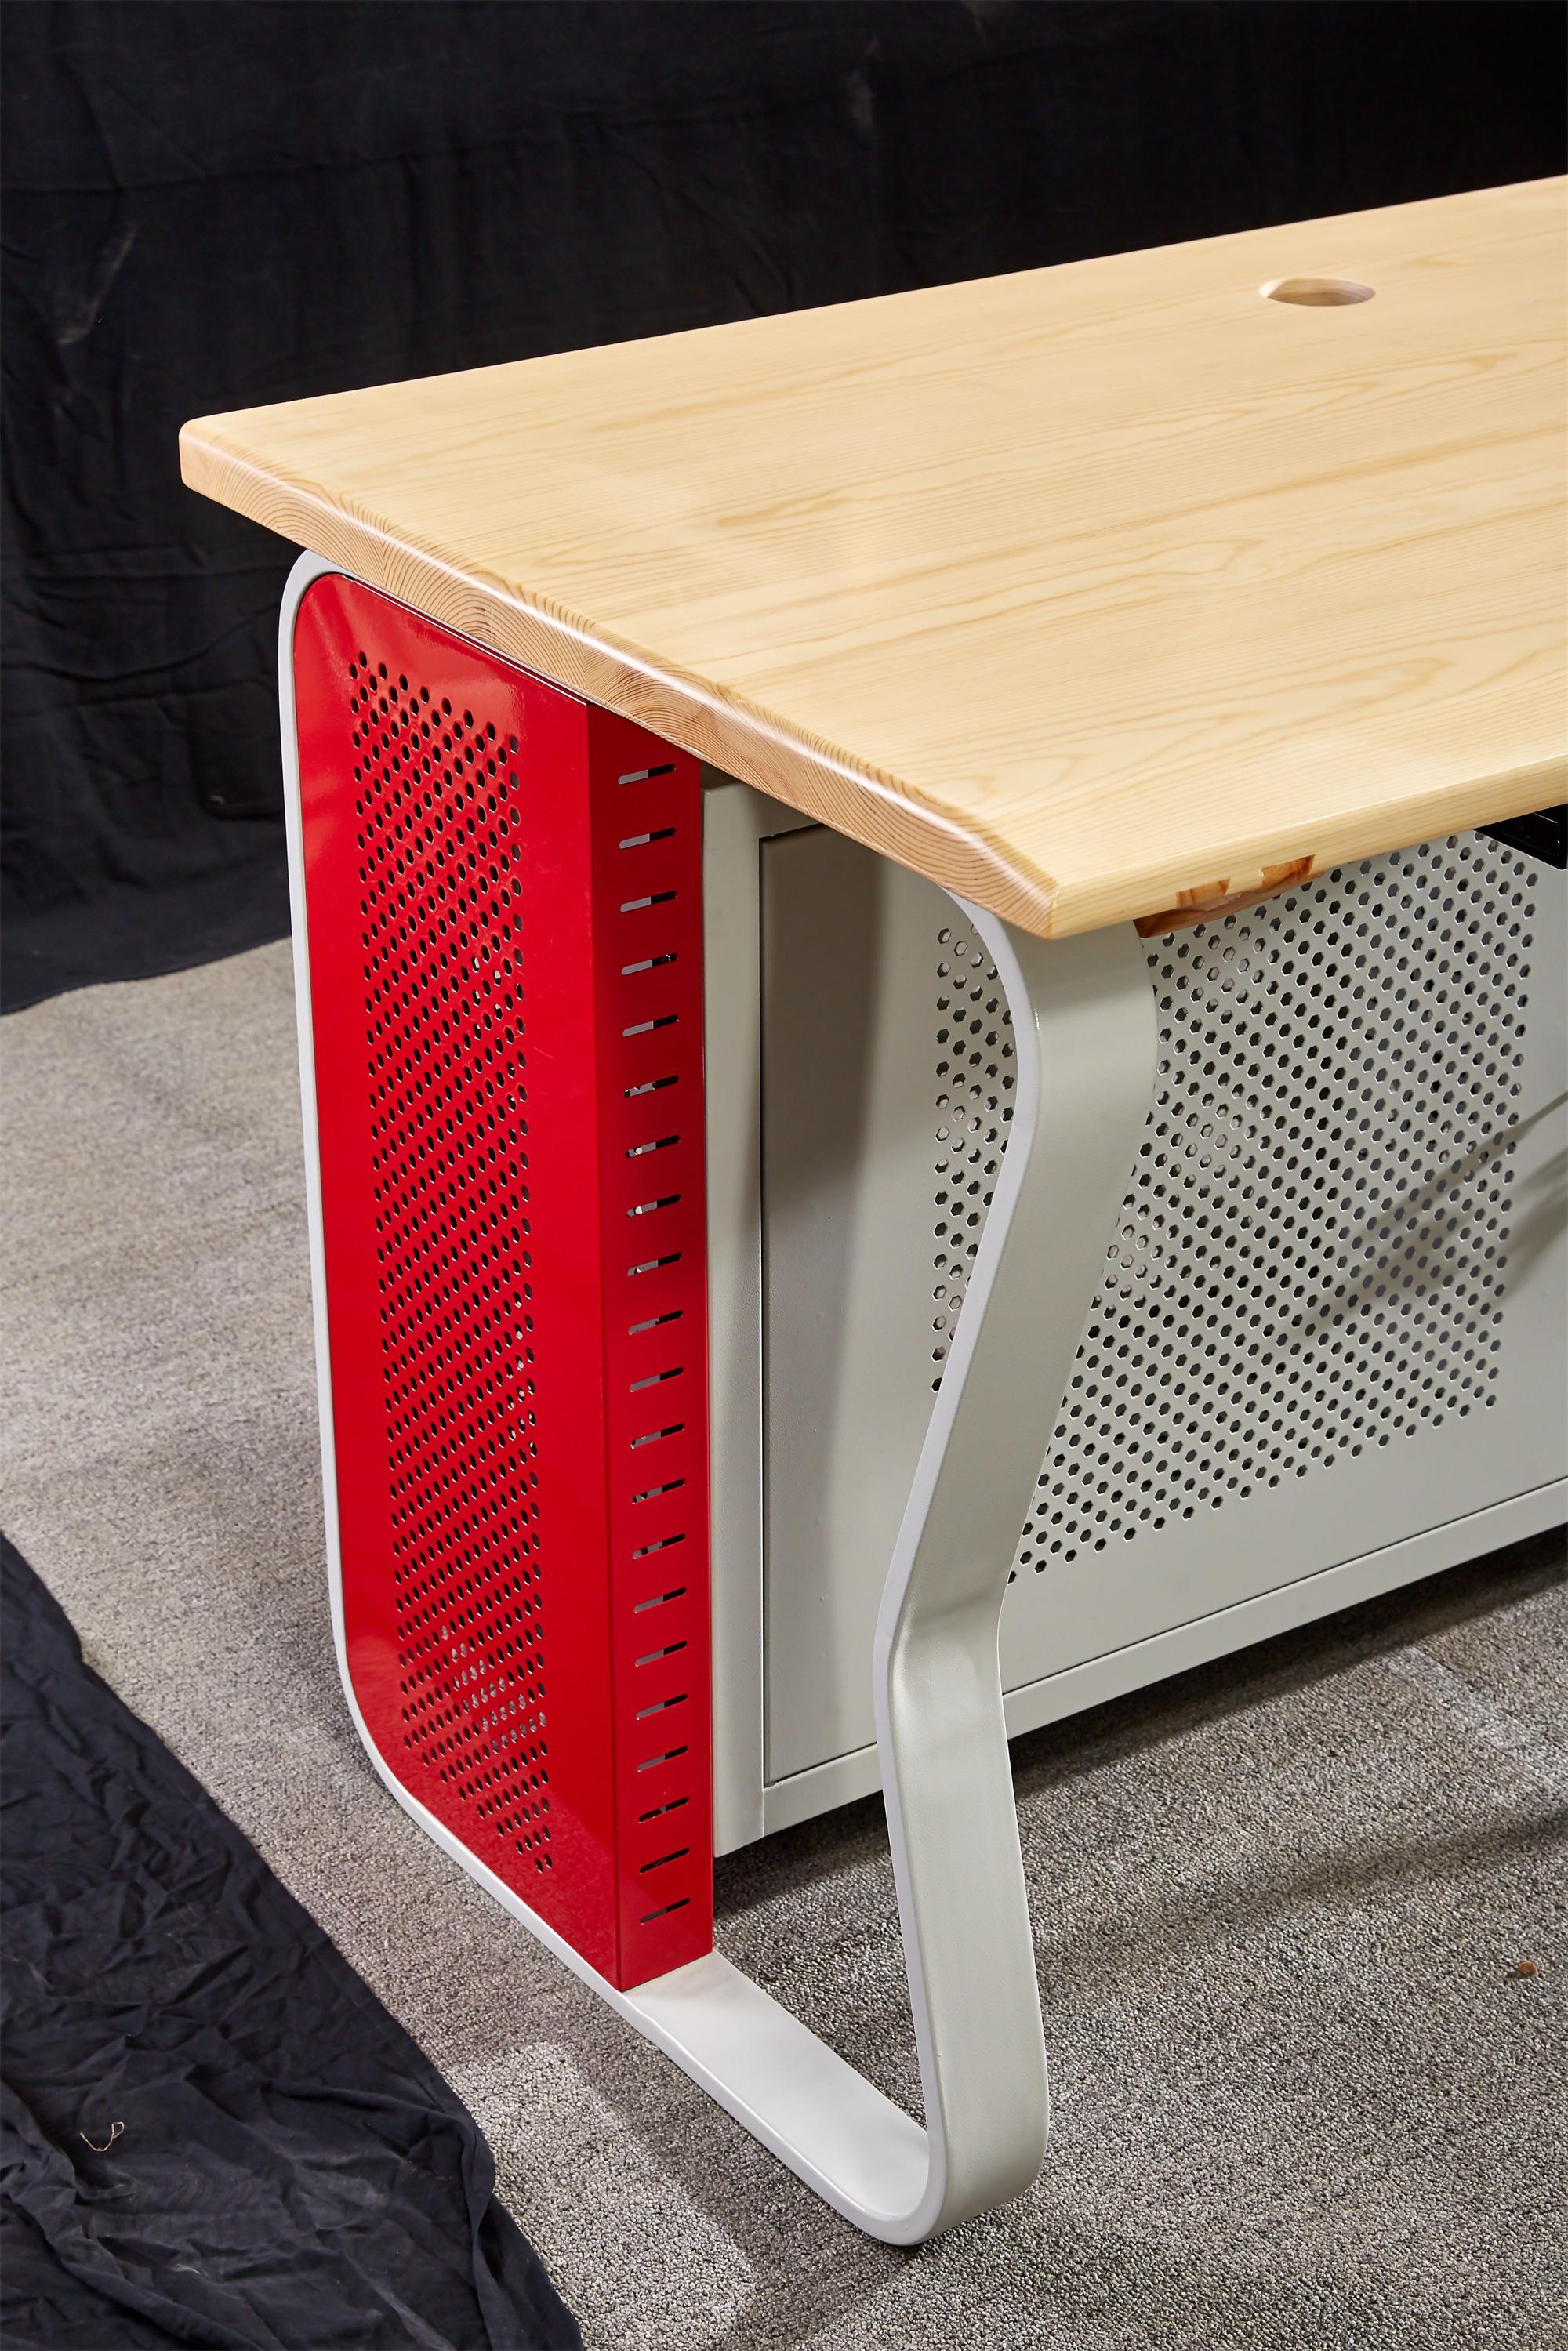 パソコン本体ケースの安全保険箱柜ケースを持って木造金属フレームパソコンデスク